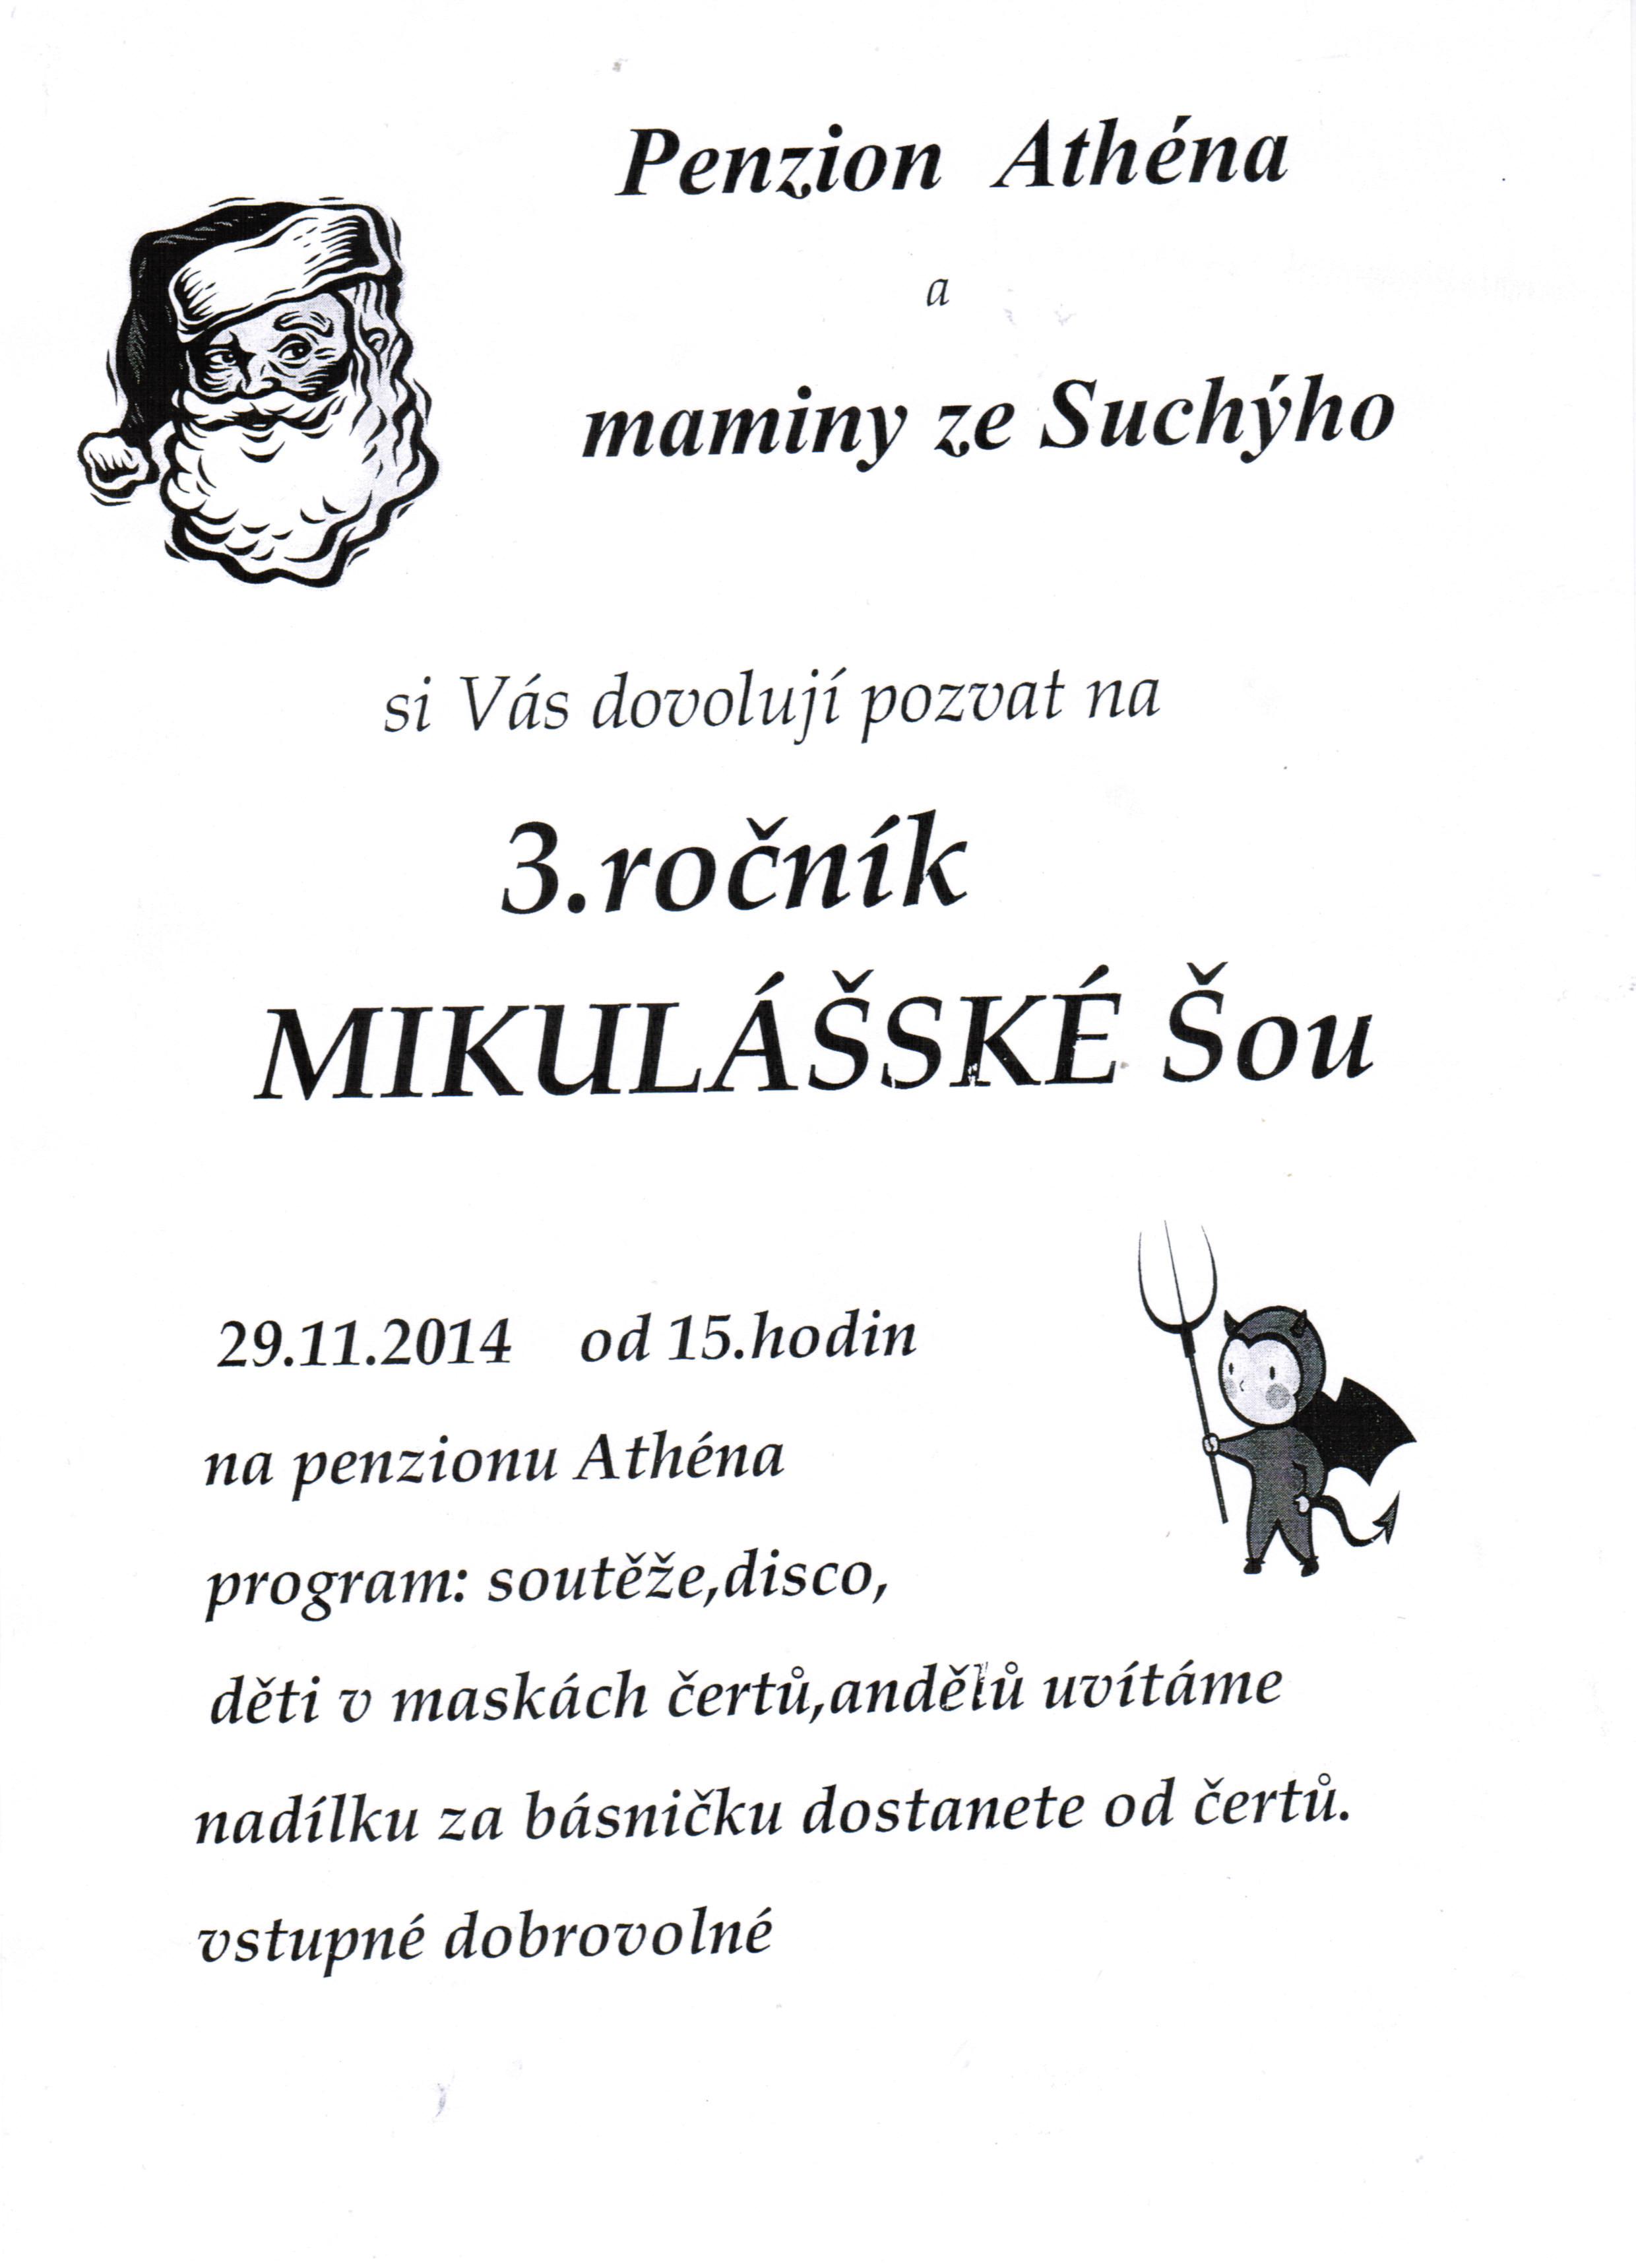 Mikulášská šou